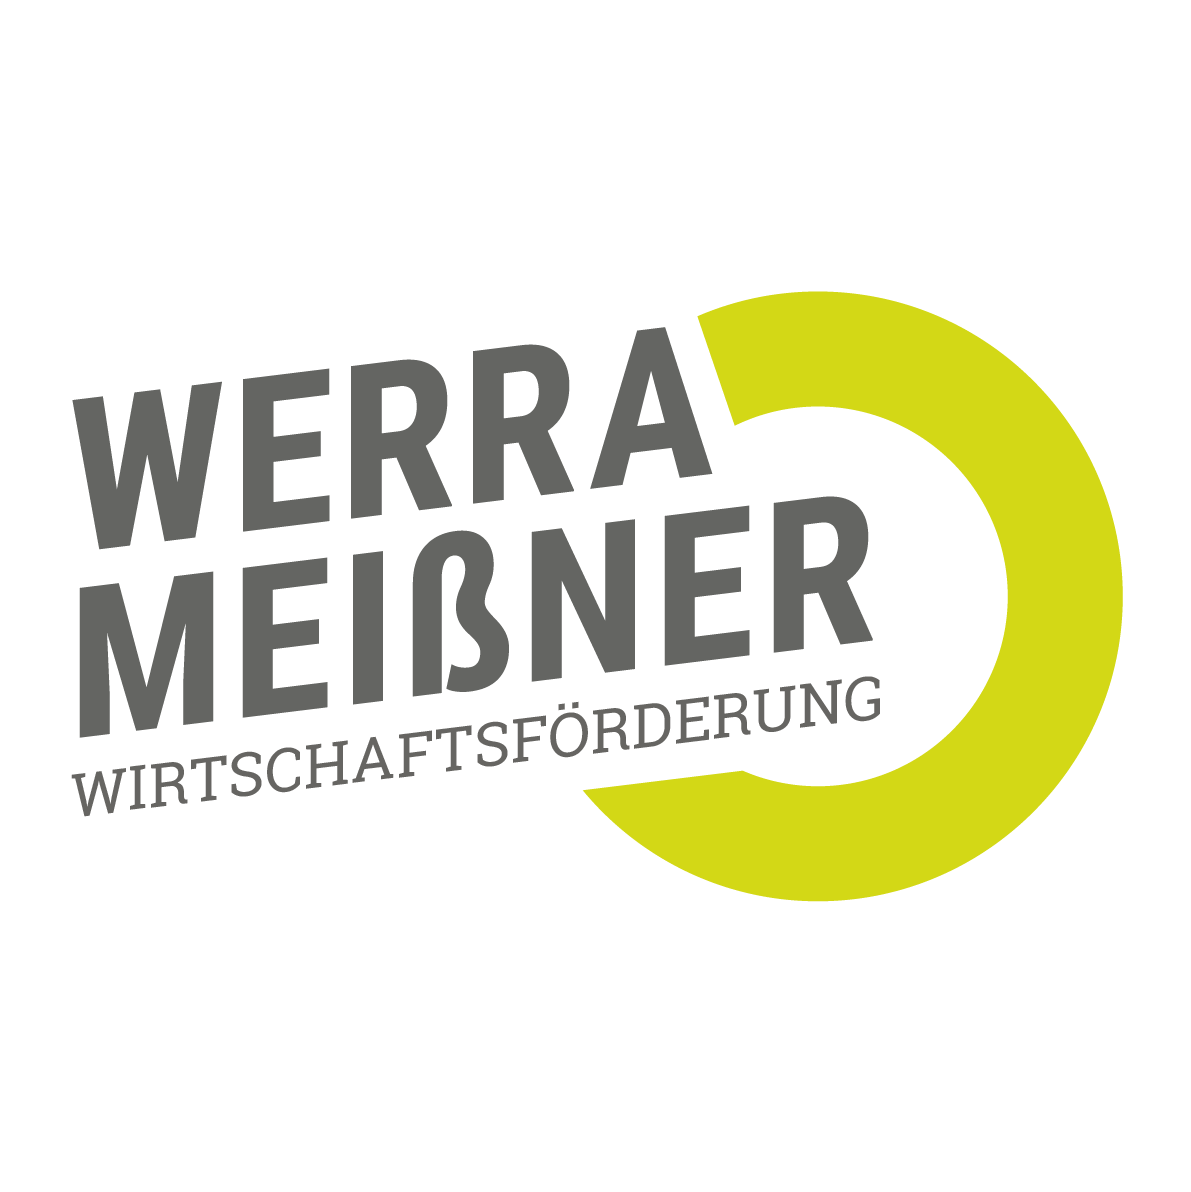 Werra-Meißner Wirtschaftsförderung